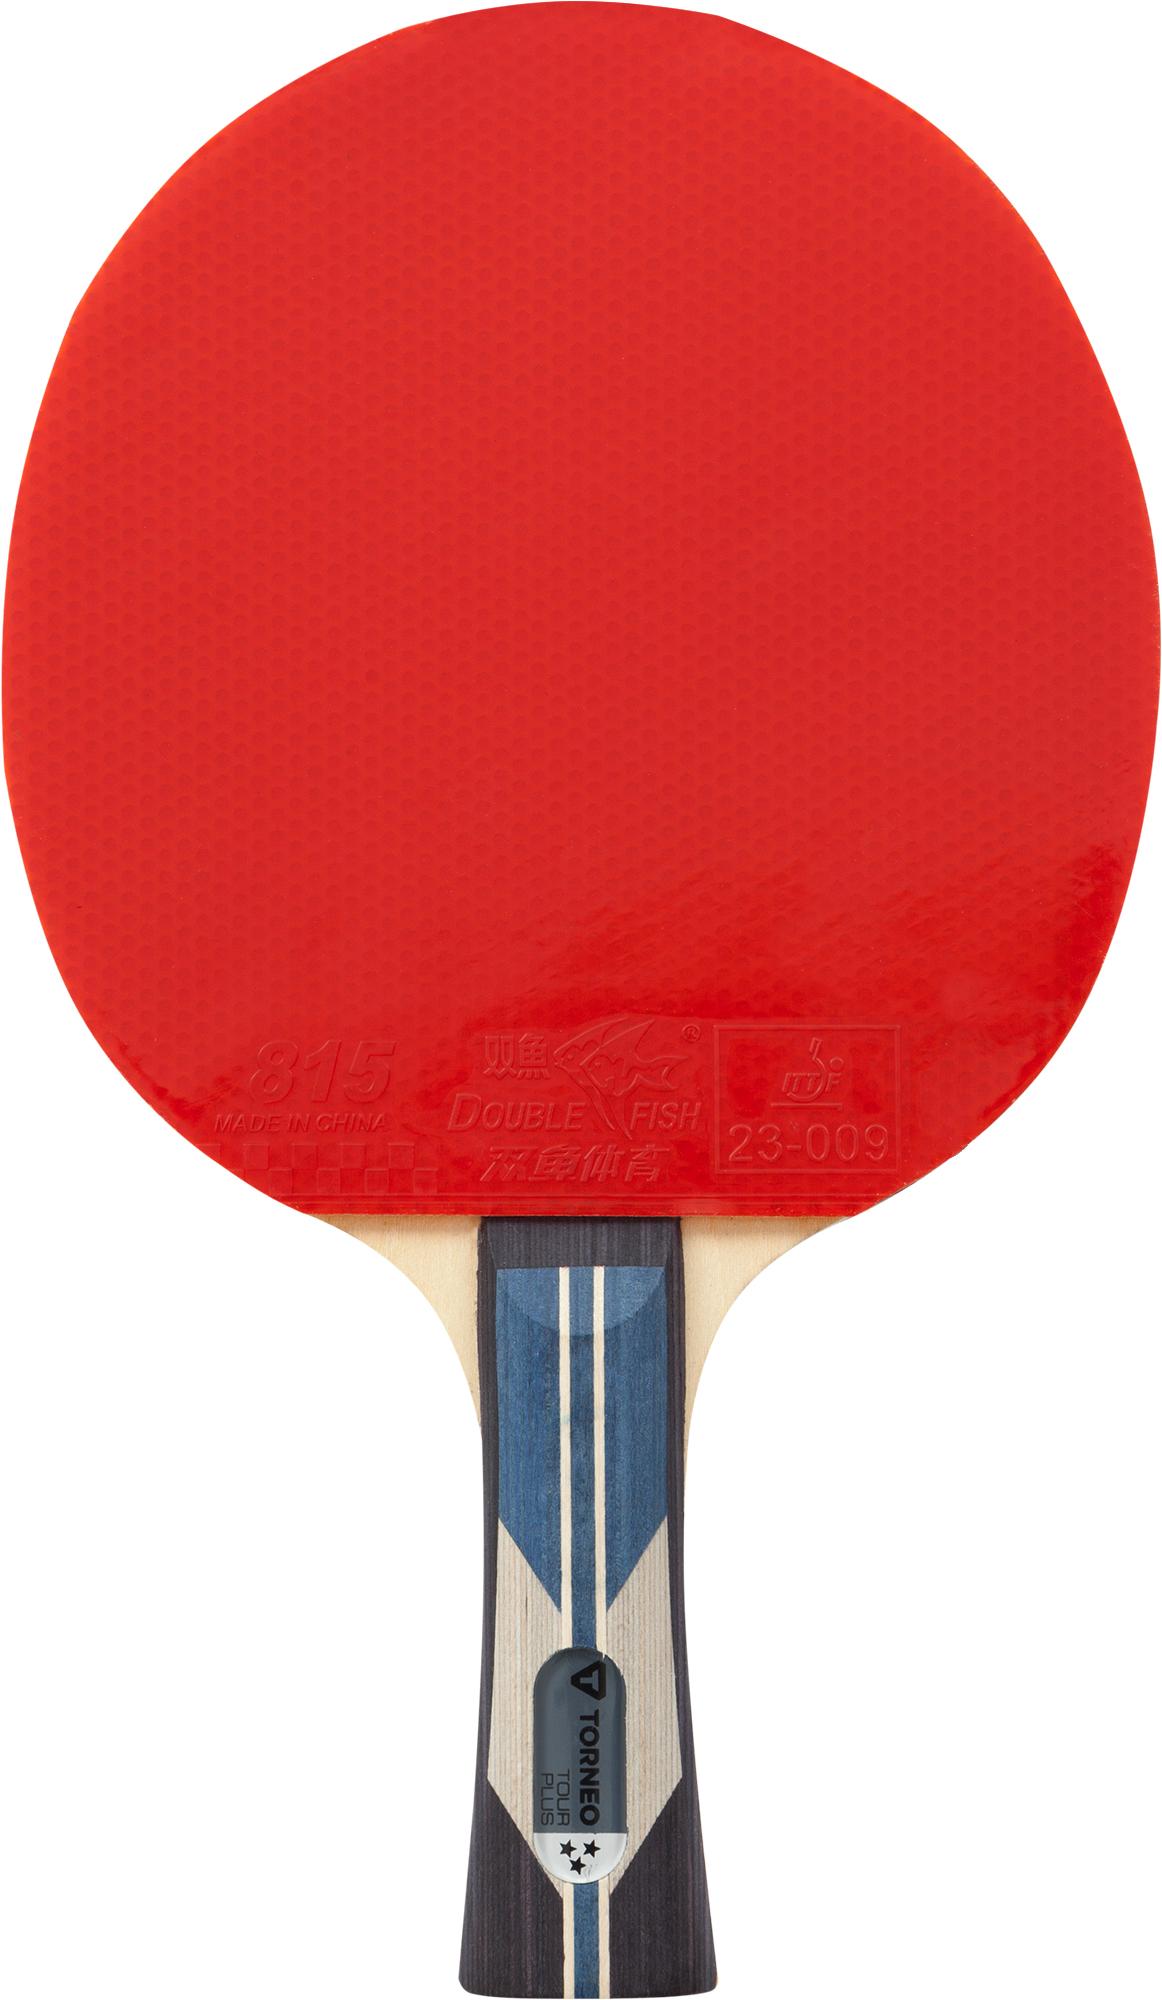 Torneo Ракетка для настольного тенниса Torneo Tour Plus, размер Без размера